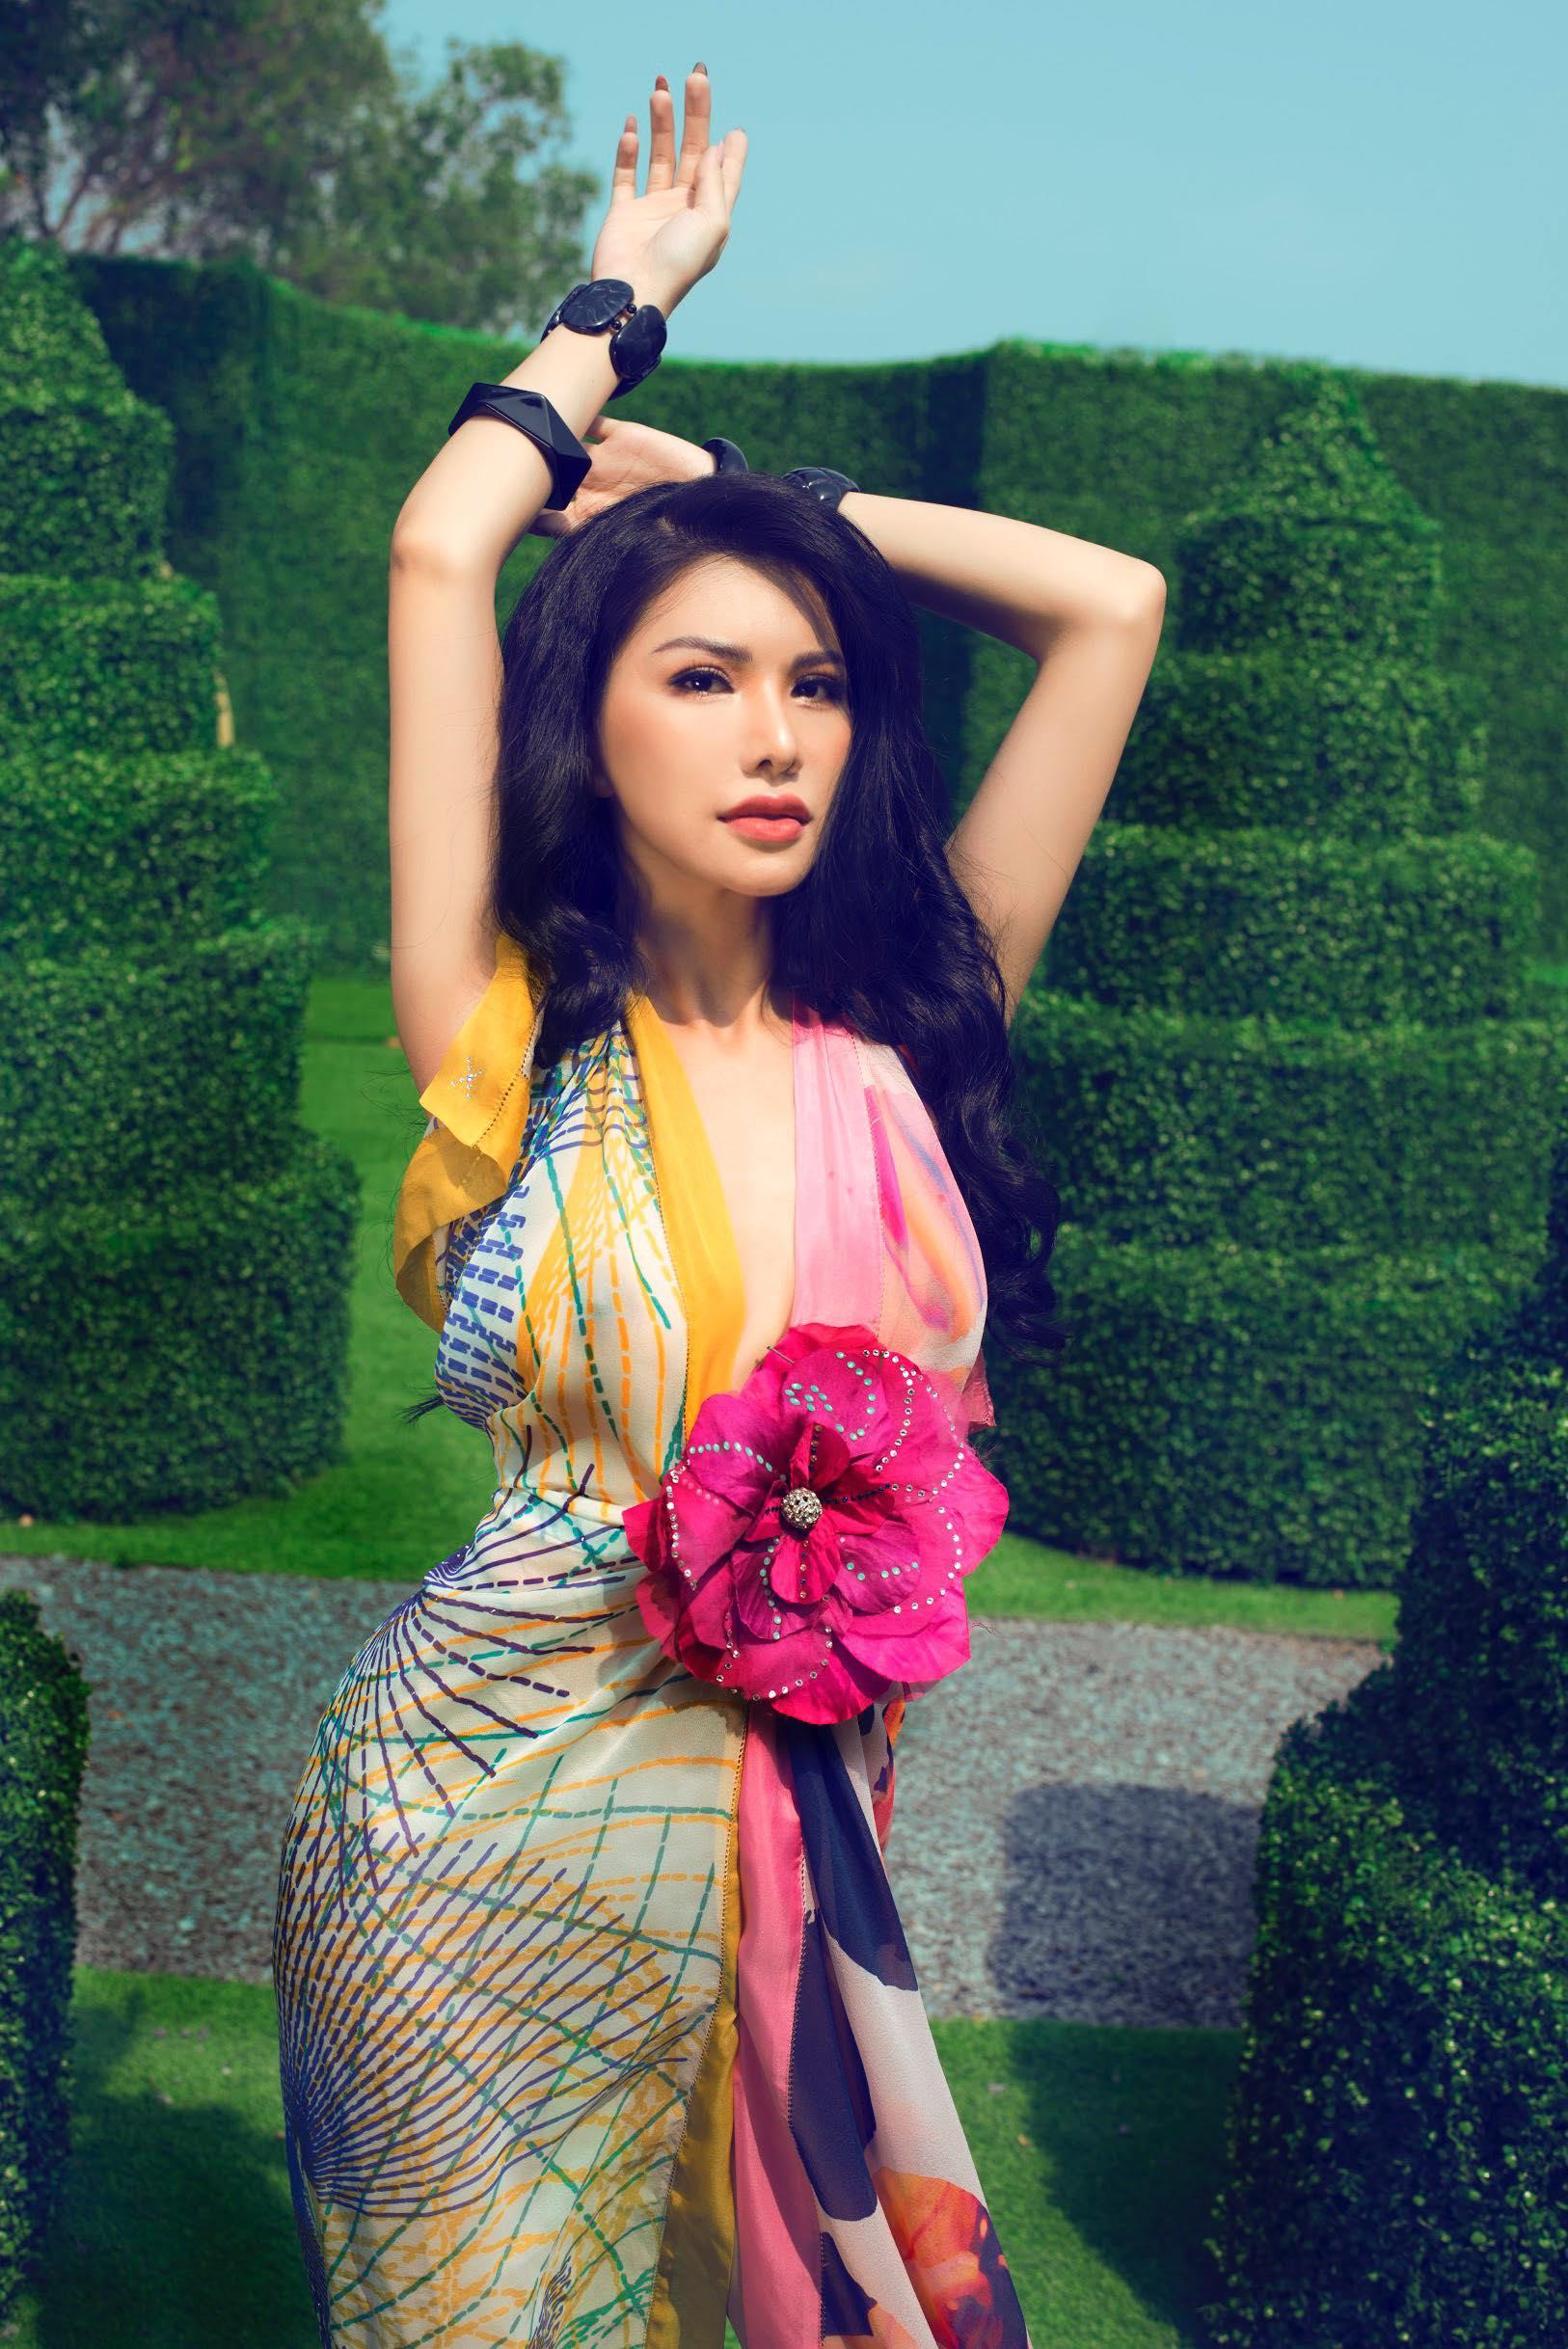 Vẻ đẹp vạn người mê của nữ tiếp viên hàng không Vietnam Airlines trong bộ ảnh mới 1